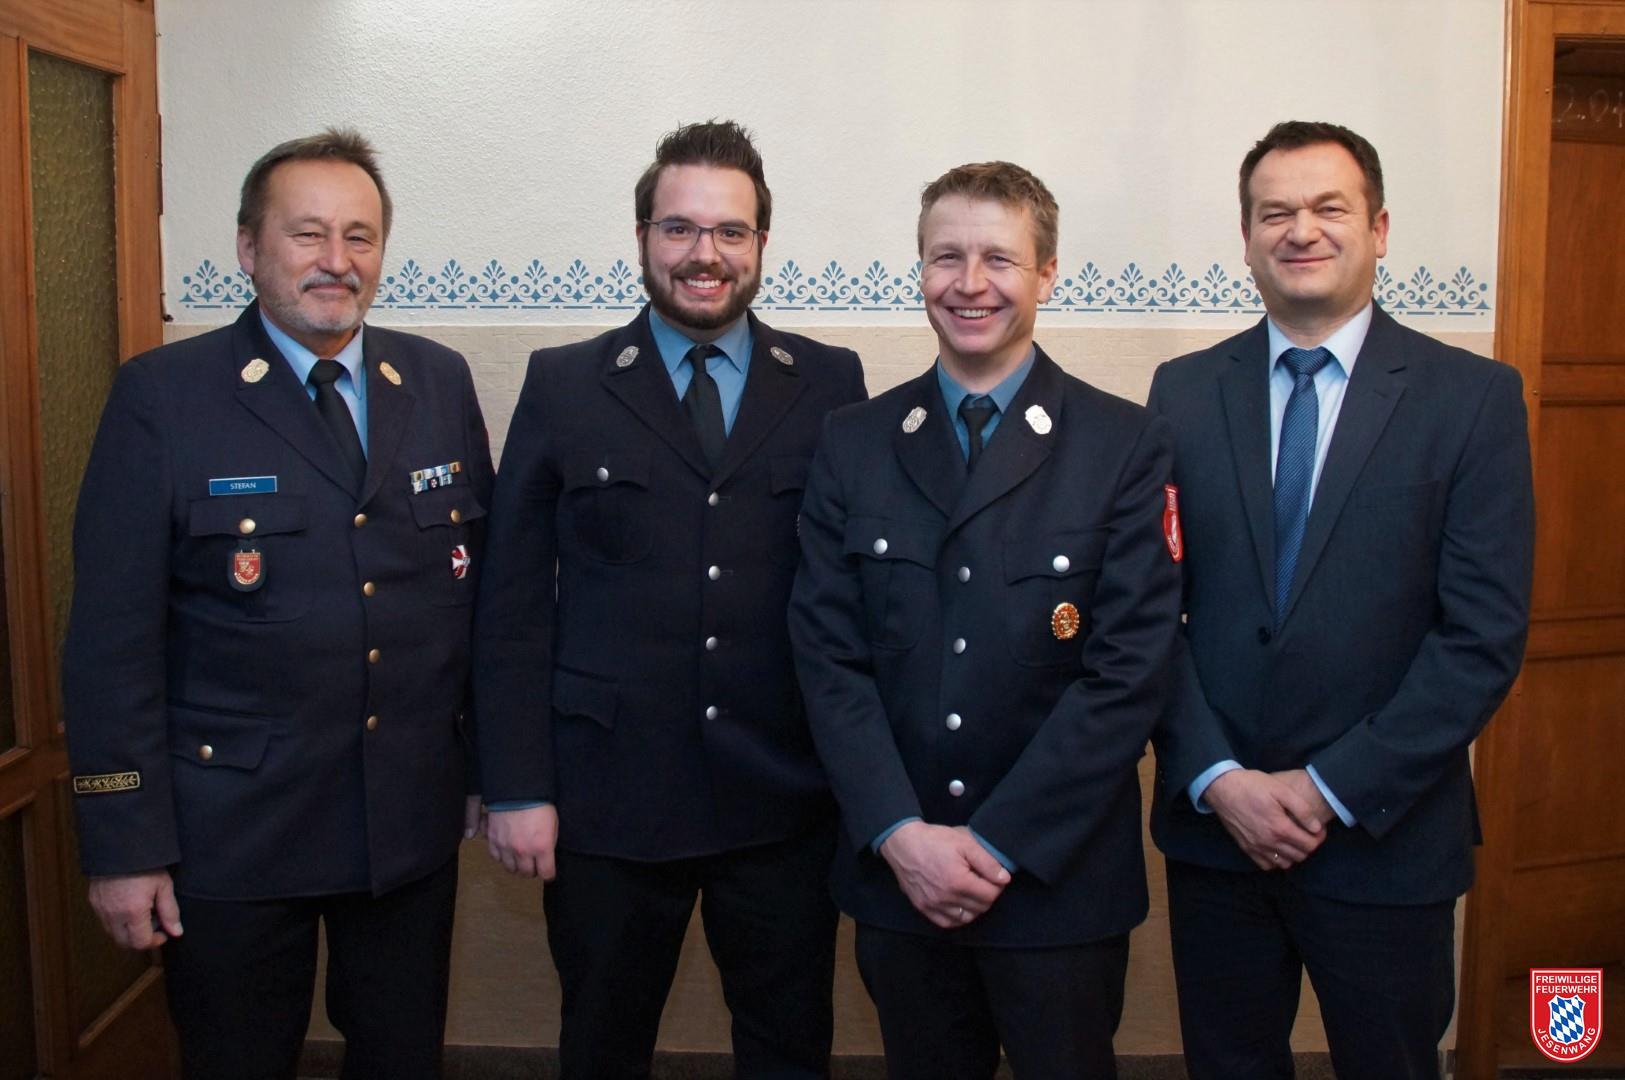 v.l.n.r.: KBR Hubert Stefan, neuer zweiter Kommandant Anton Herele jun., neuer erster Kommandant Jürgen Vogt und 1. Bürgermeister Erwin Fraunhofer